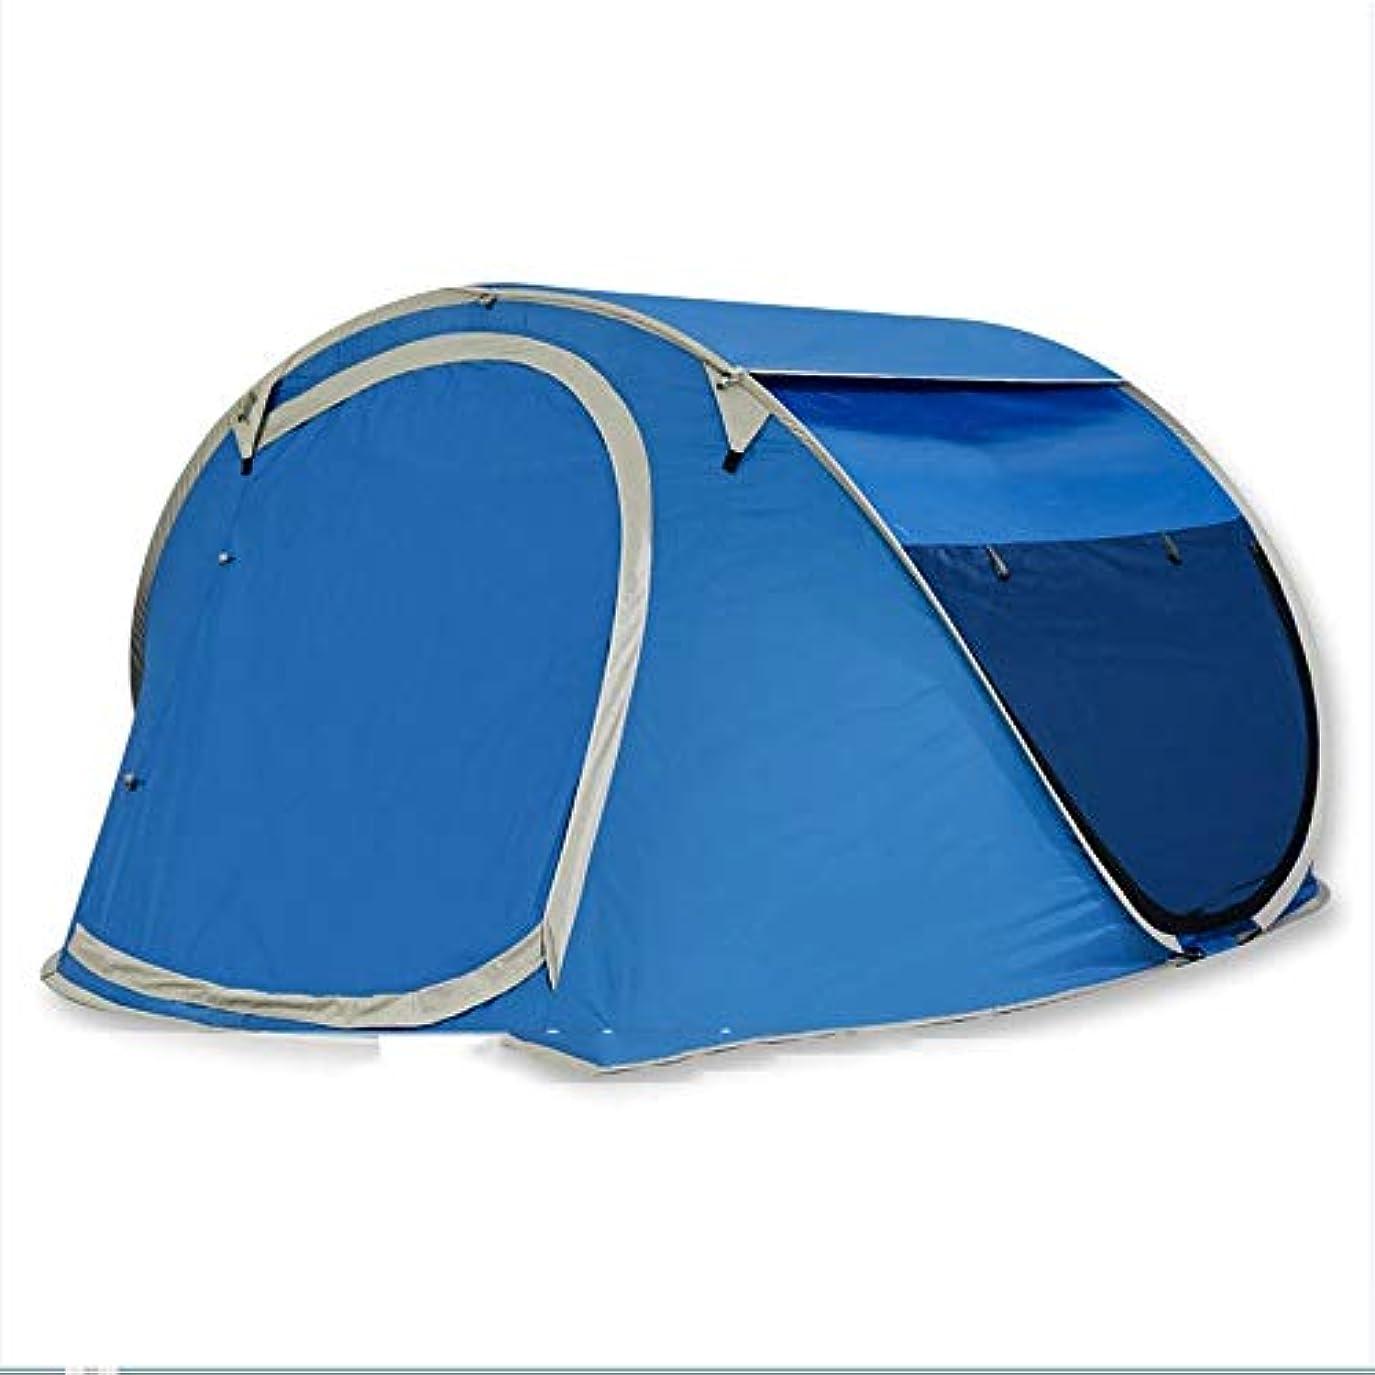 ダイヤモンド呼吸ぎこちないキャンプテント 自動ポップアップ屋外登山テントバックパックキャンプ 軽量で便利なテント (Color : Dark blue)